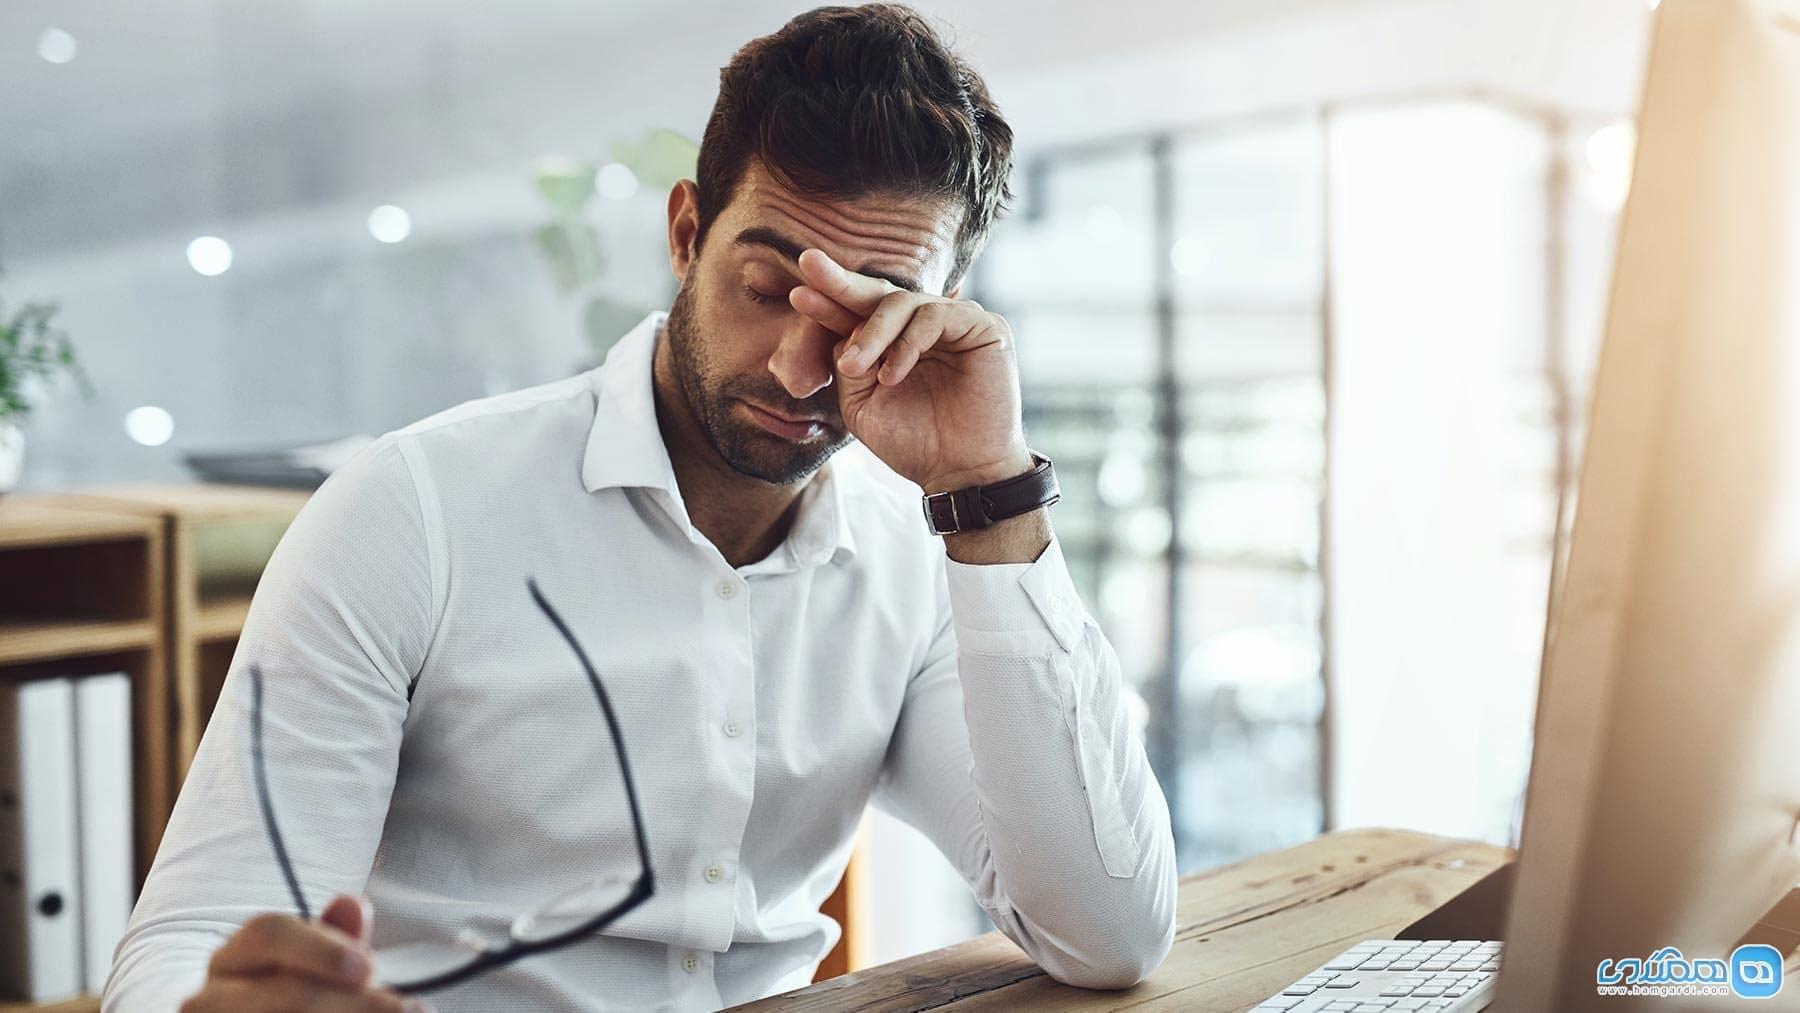 ปวดหัวบ่อยเกิดจากอะไร? แก้ยังไงได้บ้าง?